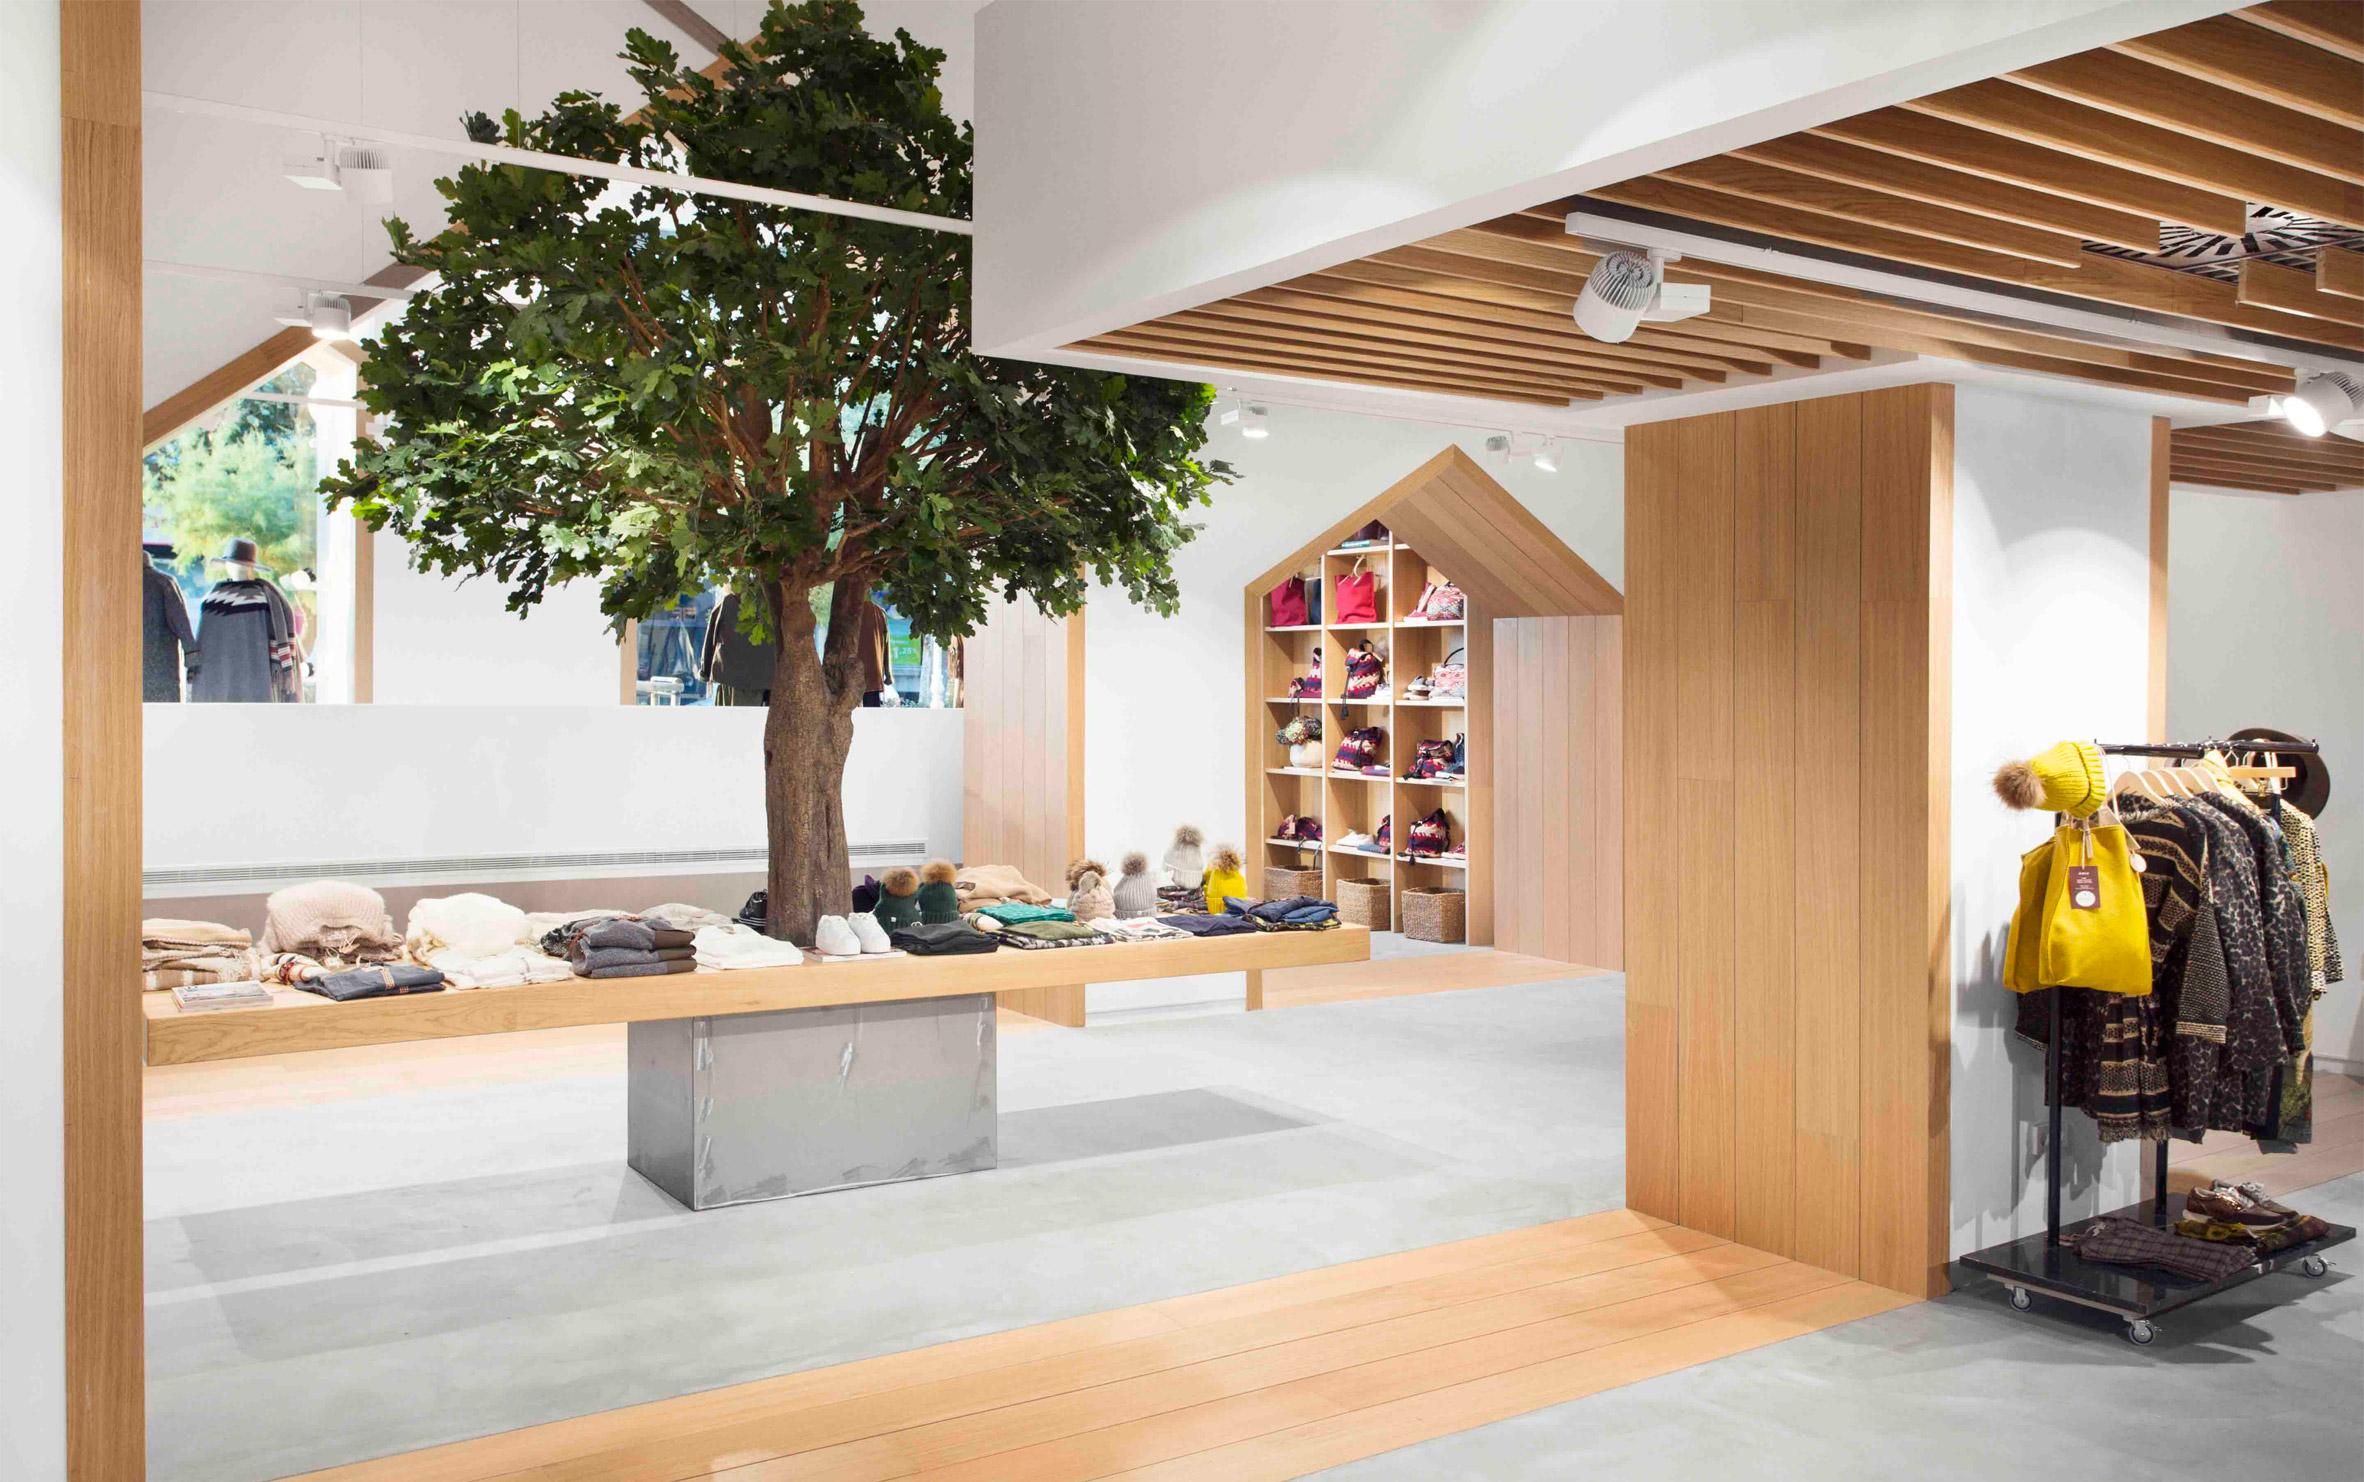 sketch-concept-store-pauzarq-arquitectos_dezeen_2364_4